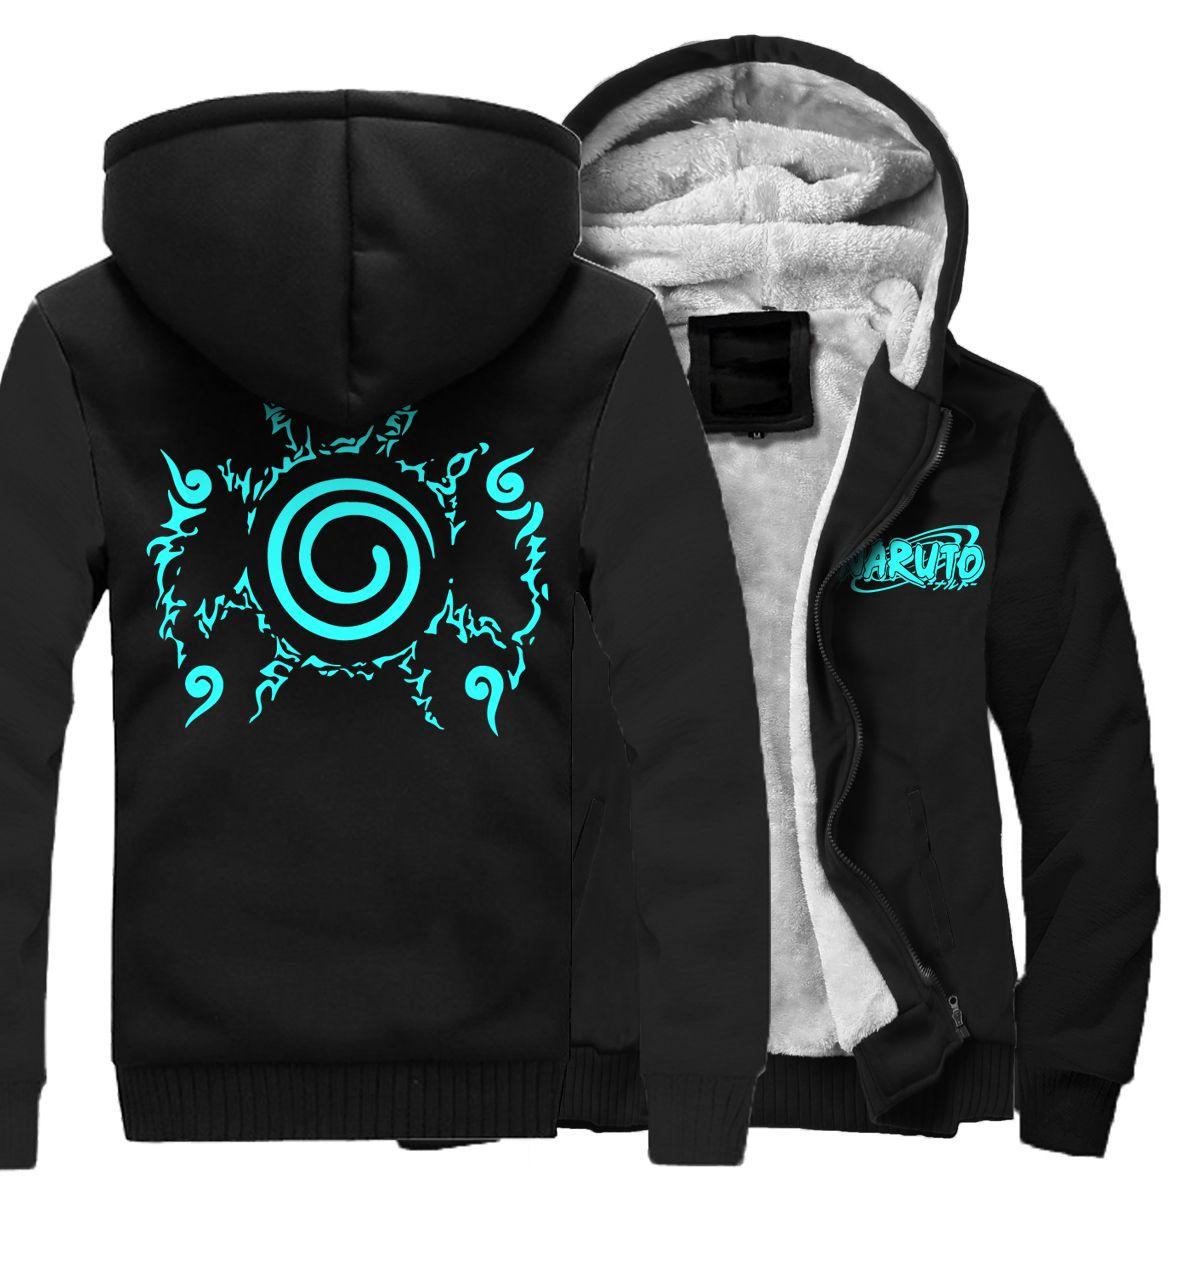 best website 936f7 c5451 2019 heißer Verkauf Hoodies Männer Modemarke Kleidung Dicke Sweatshirt  Druck Anime Naruto Cosplay Lässige Hoody Sweatshirts Männer Kpop